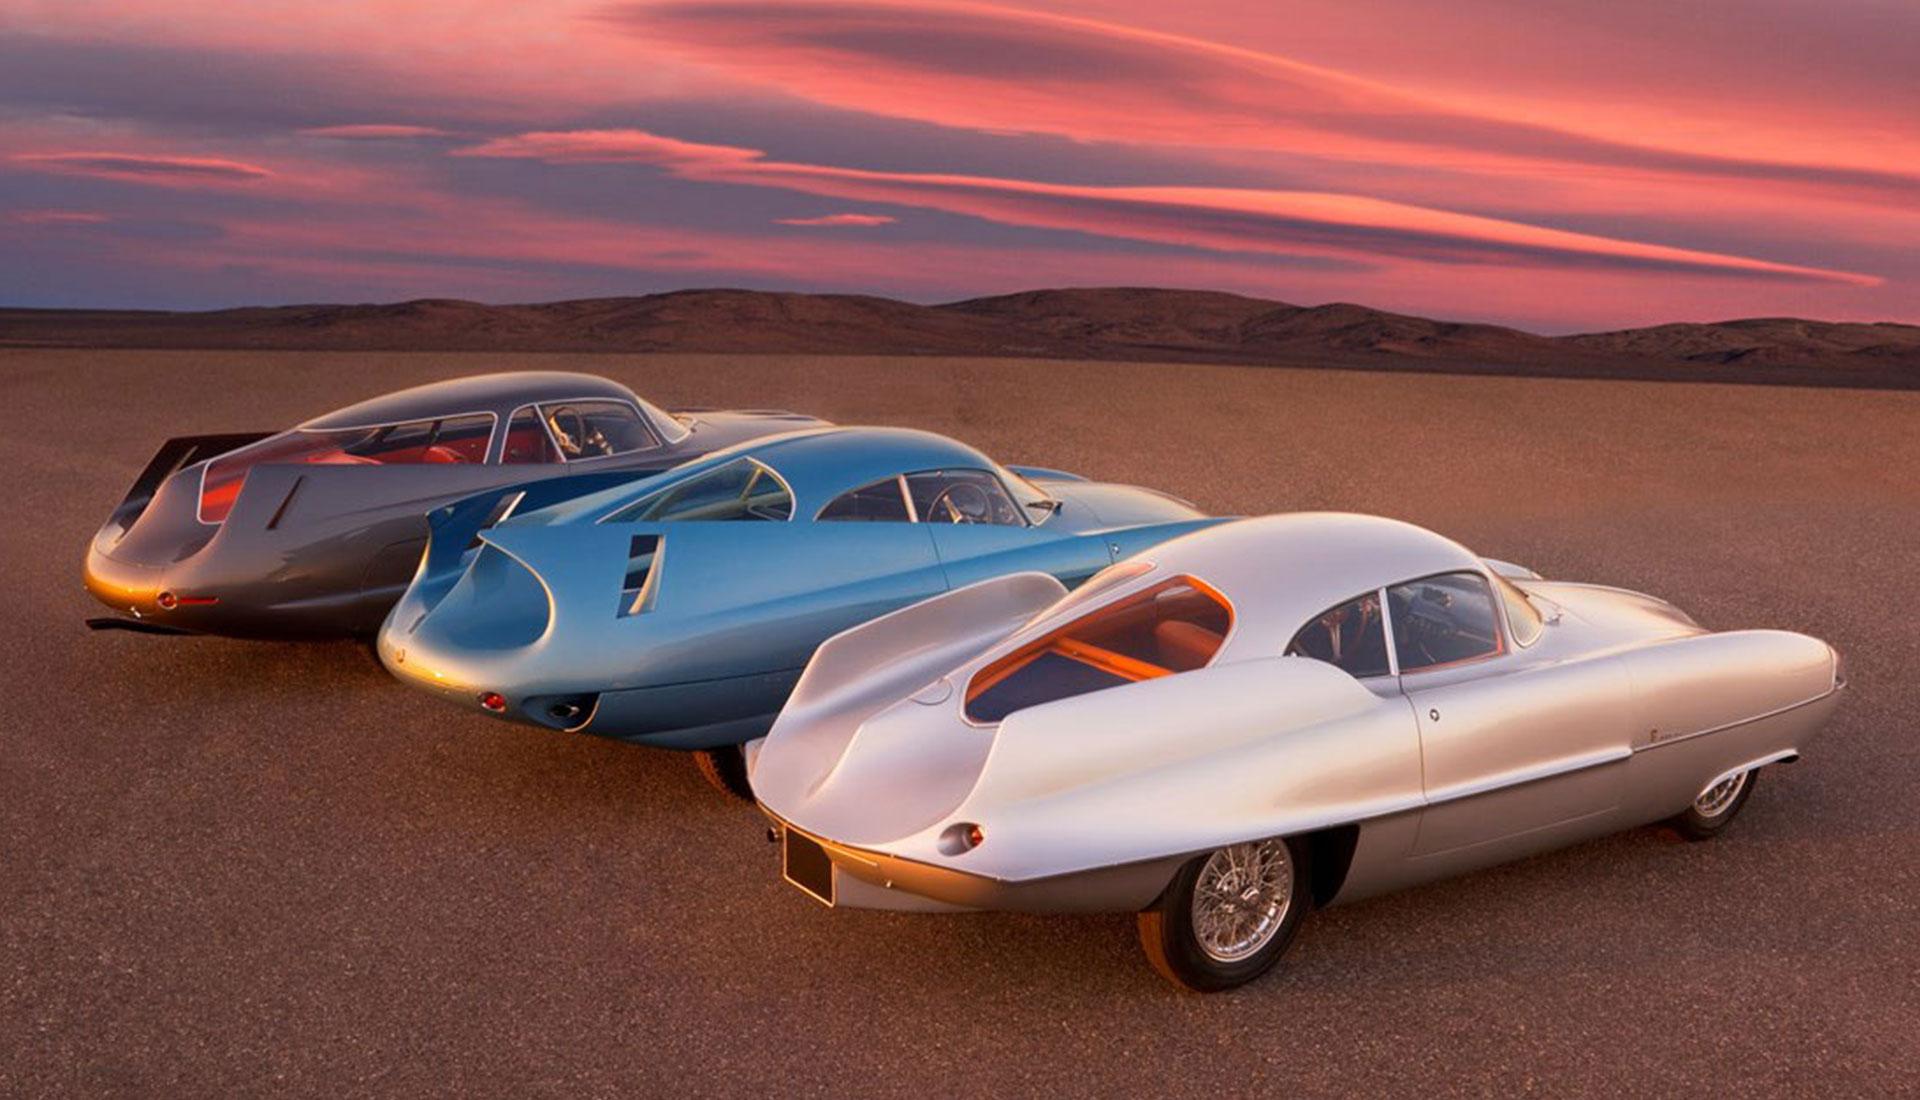 Франко Скальоне автомобили фото